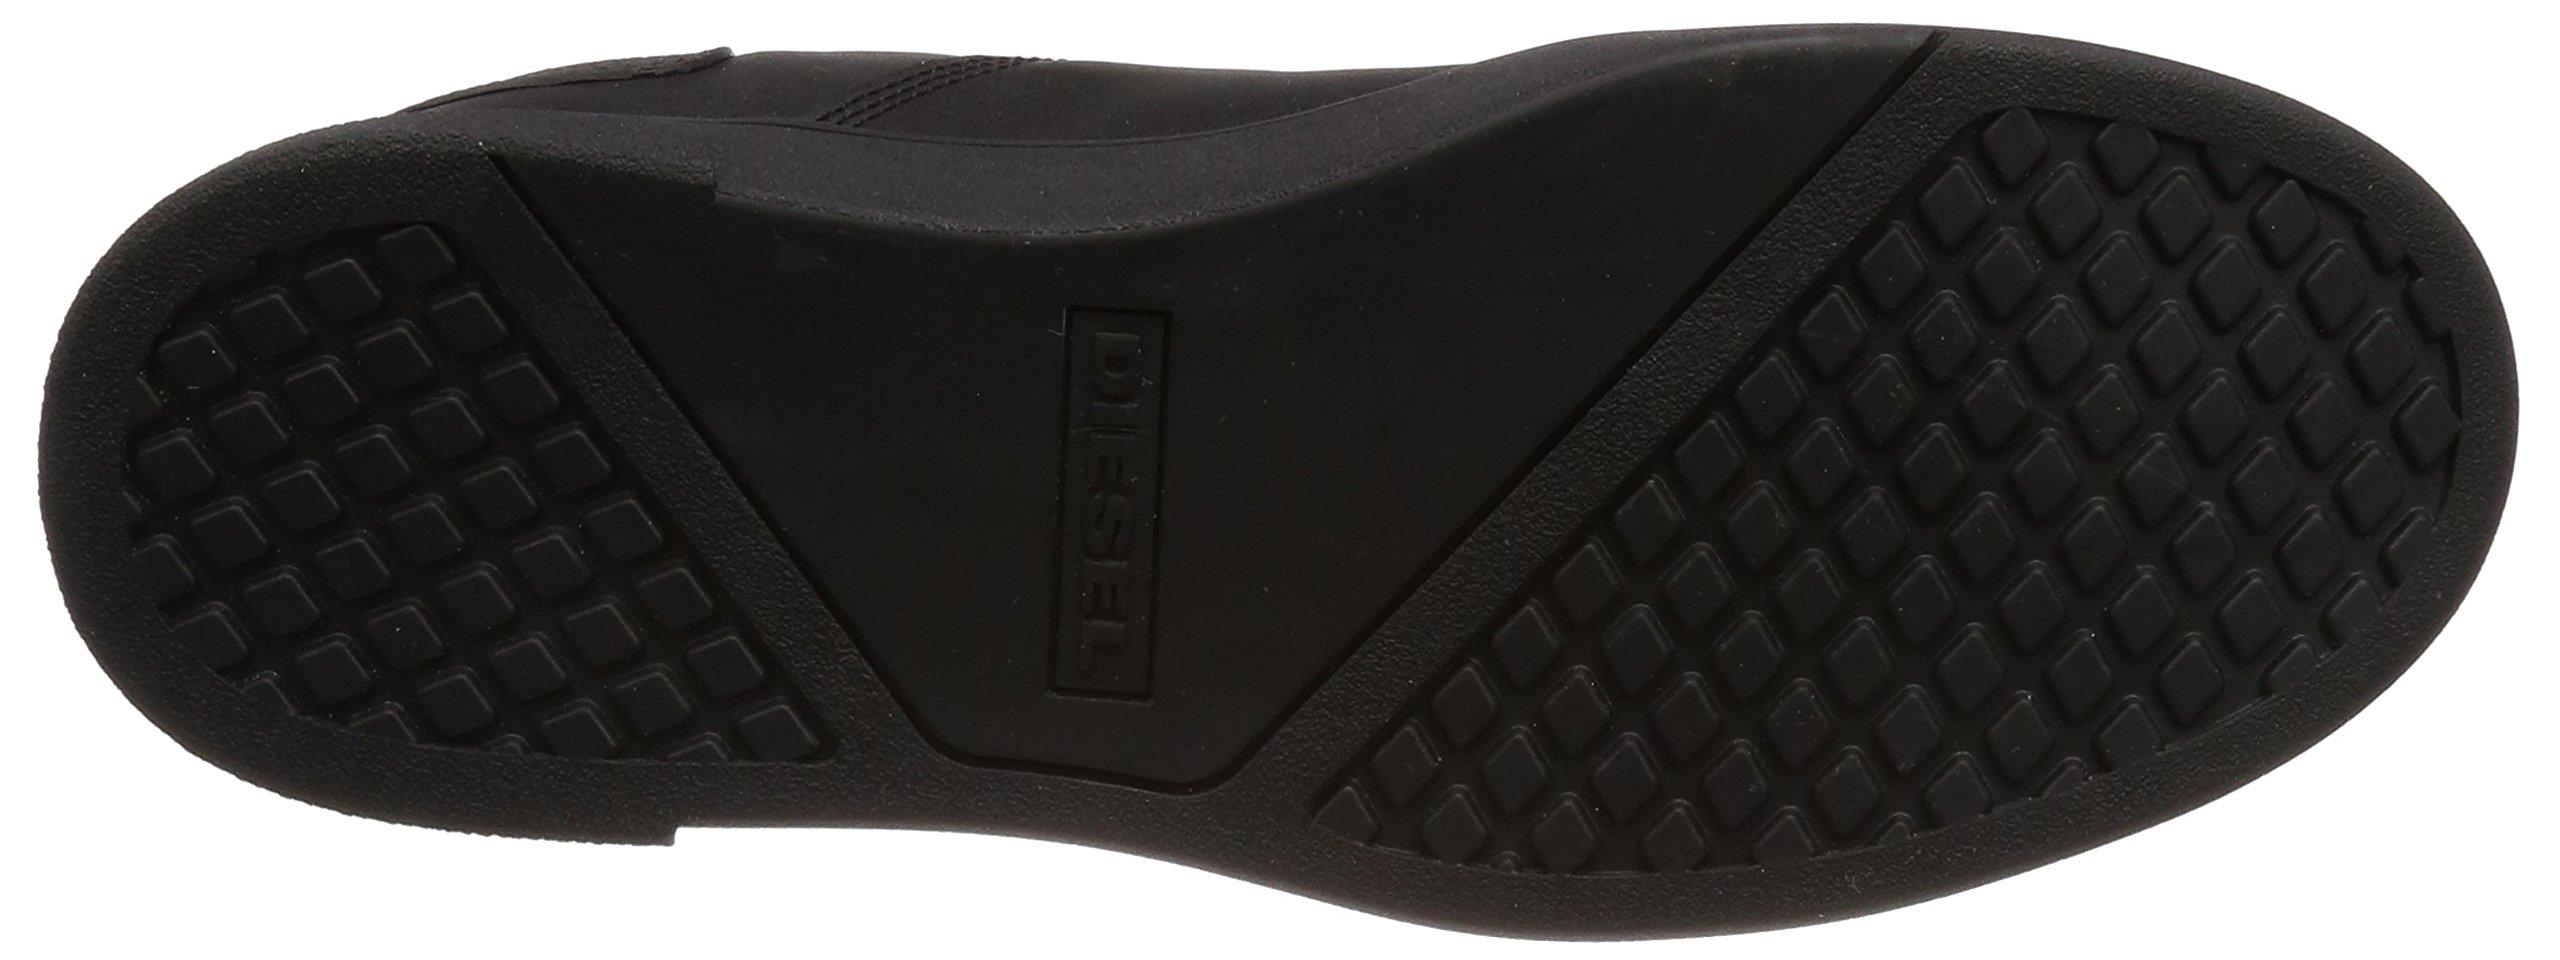 Diesel Men's S-Clever Low-Sneakers Black, 8 M US by Diesel (Image #3)